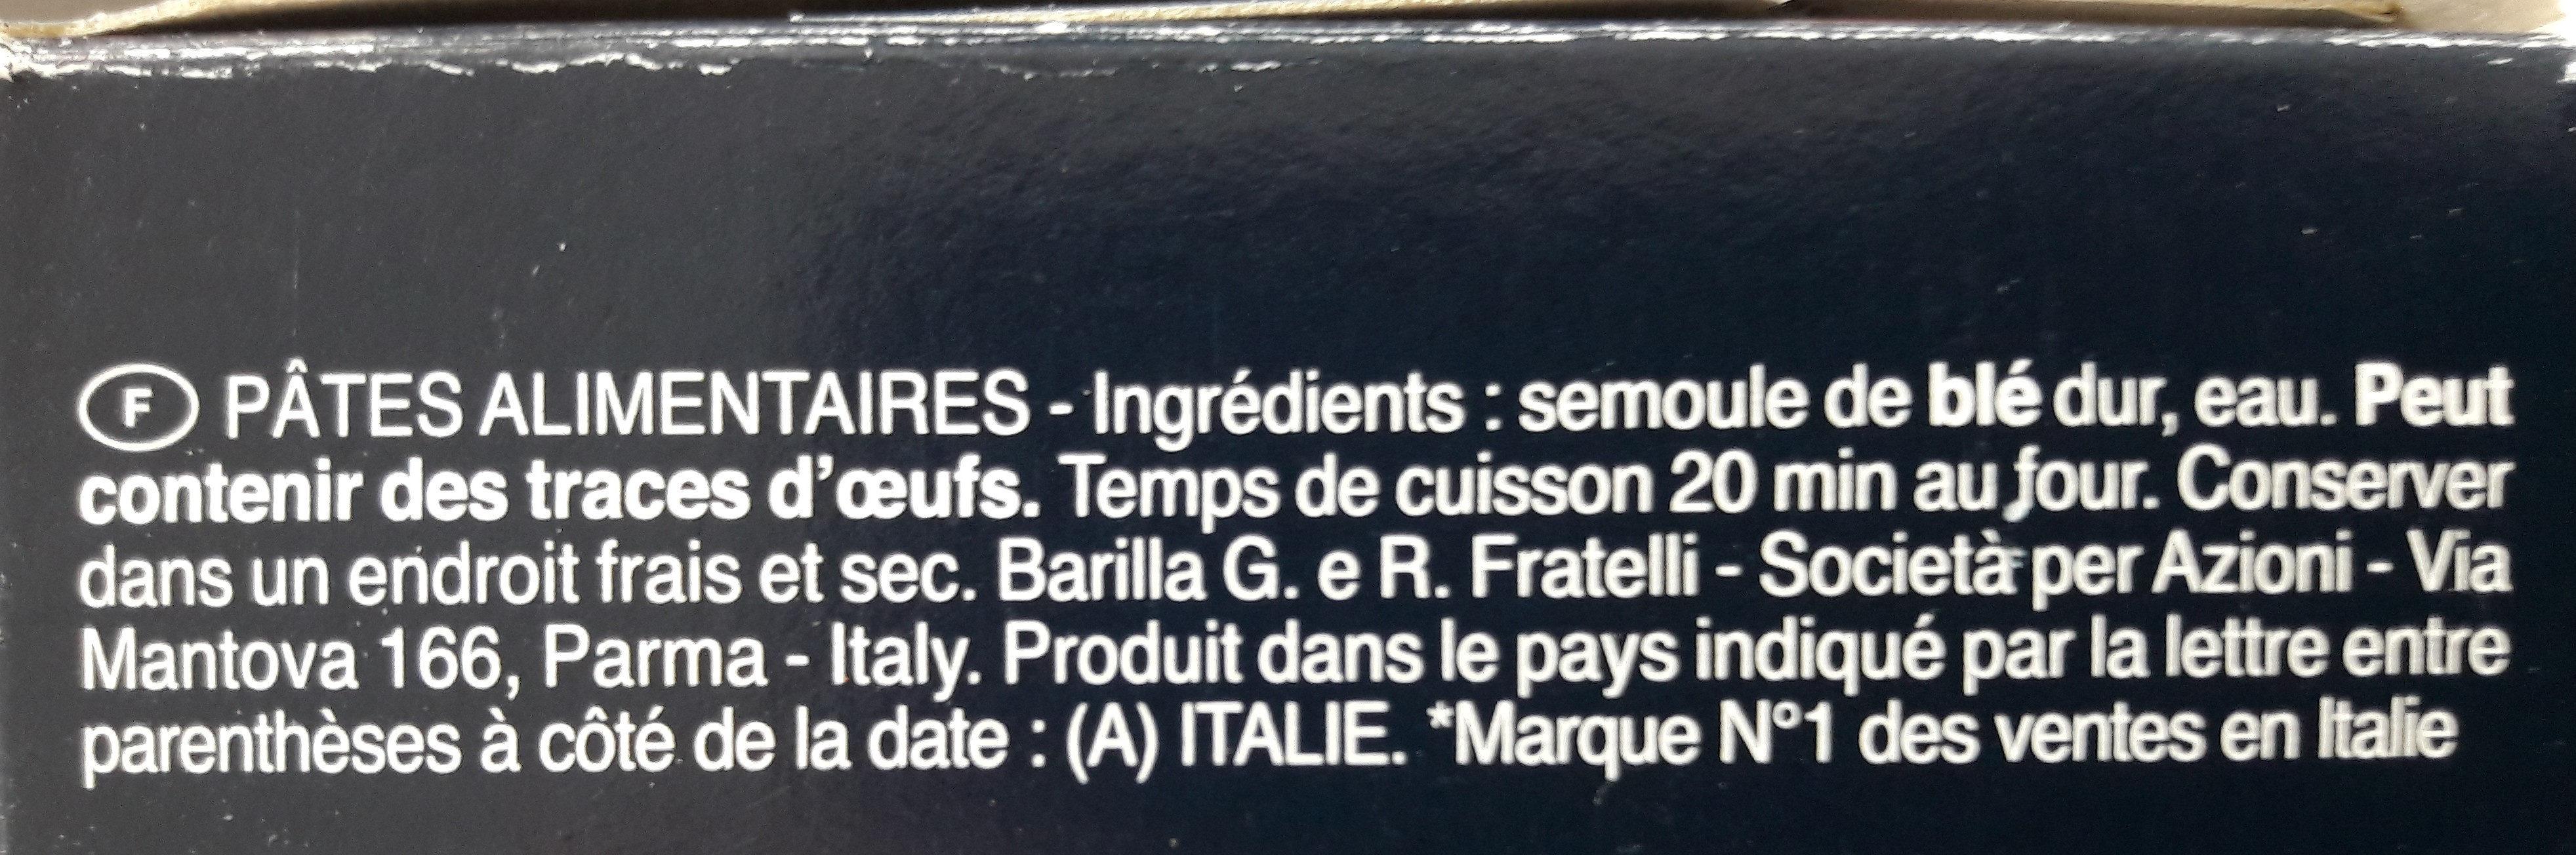 Pâtes Lasagne - Ingrédients